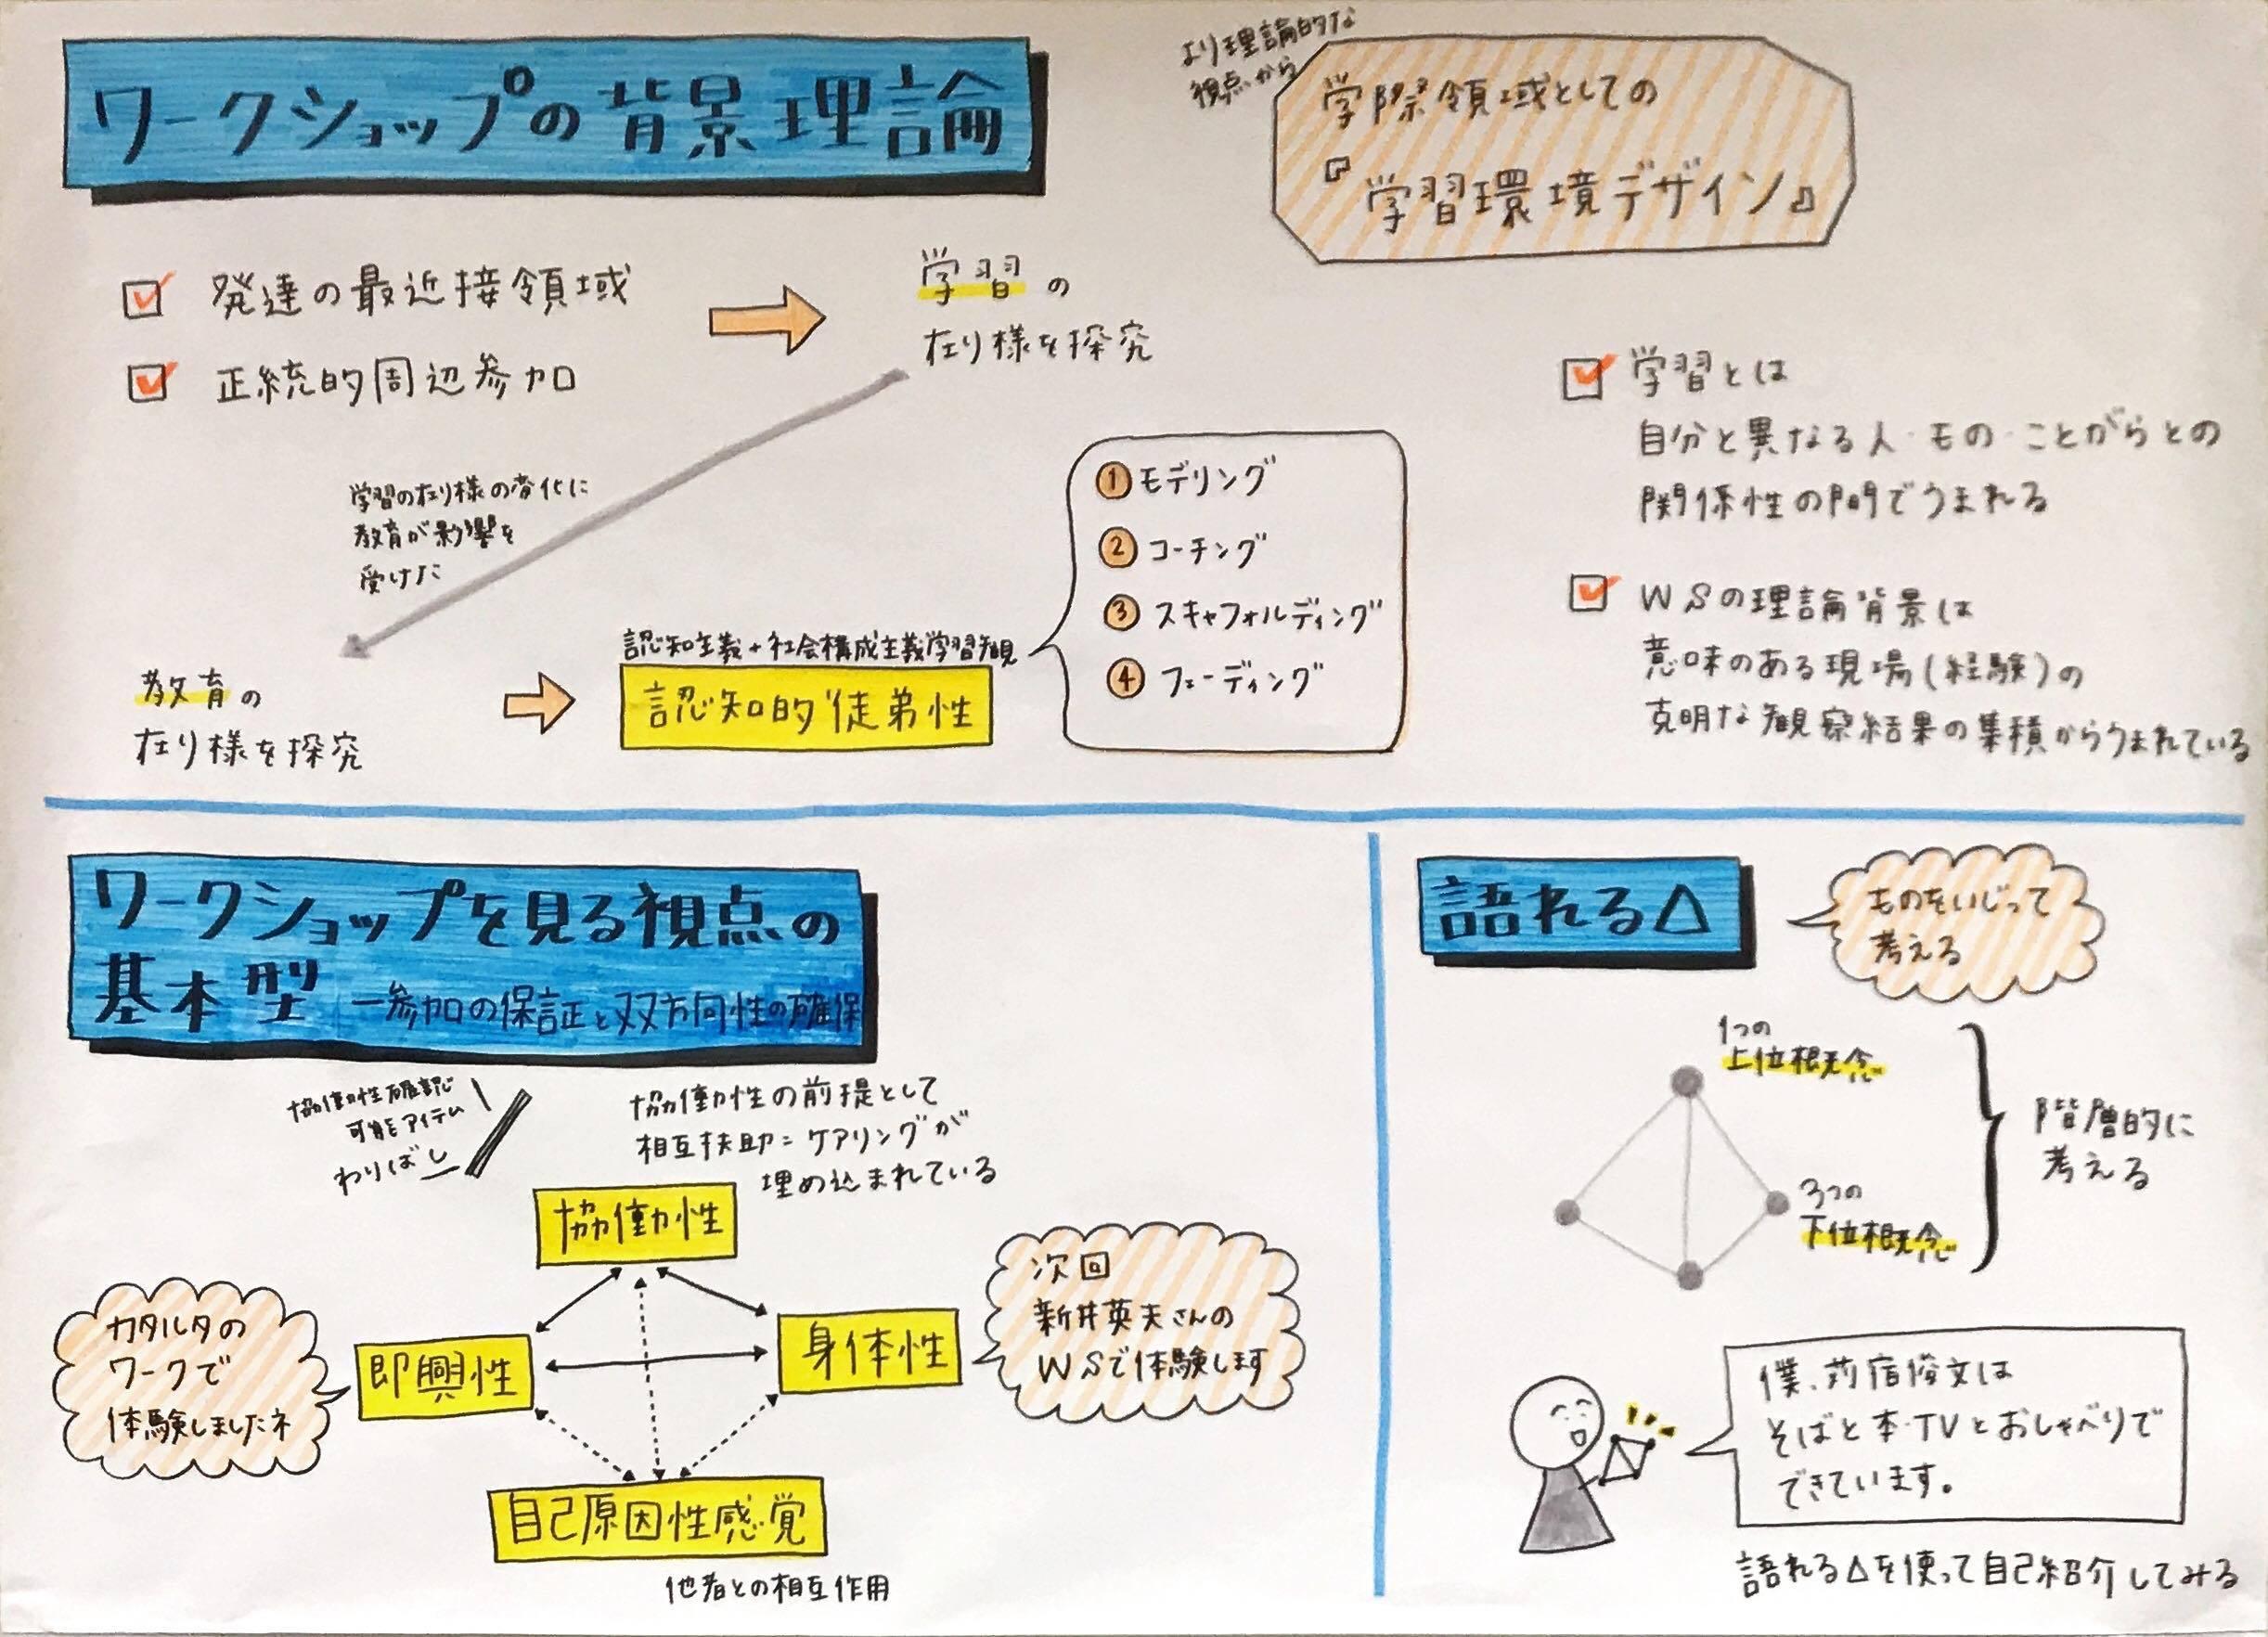 【青学WSD】29期講座がスタートしました_a0197628_17275549.jpg